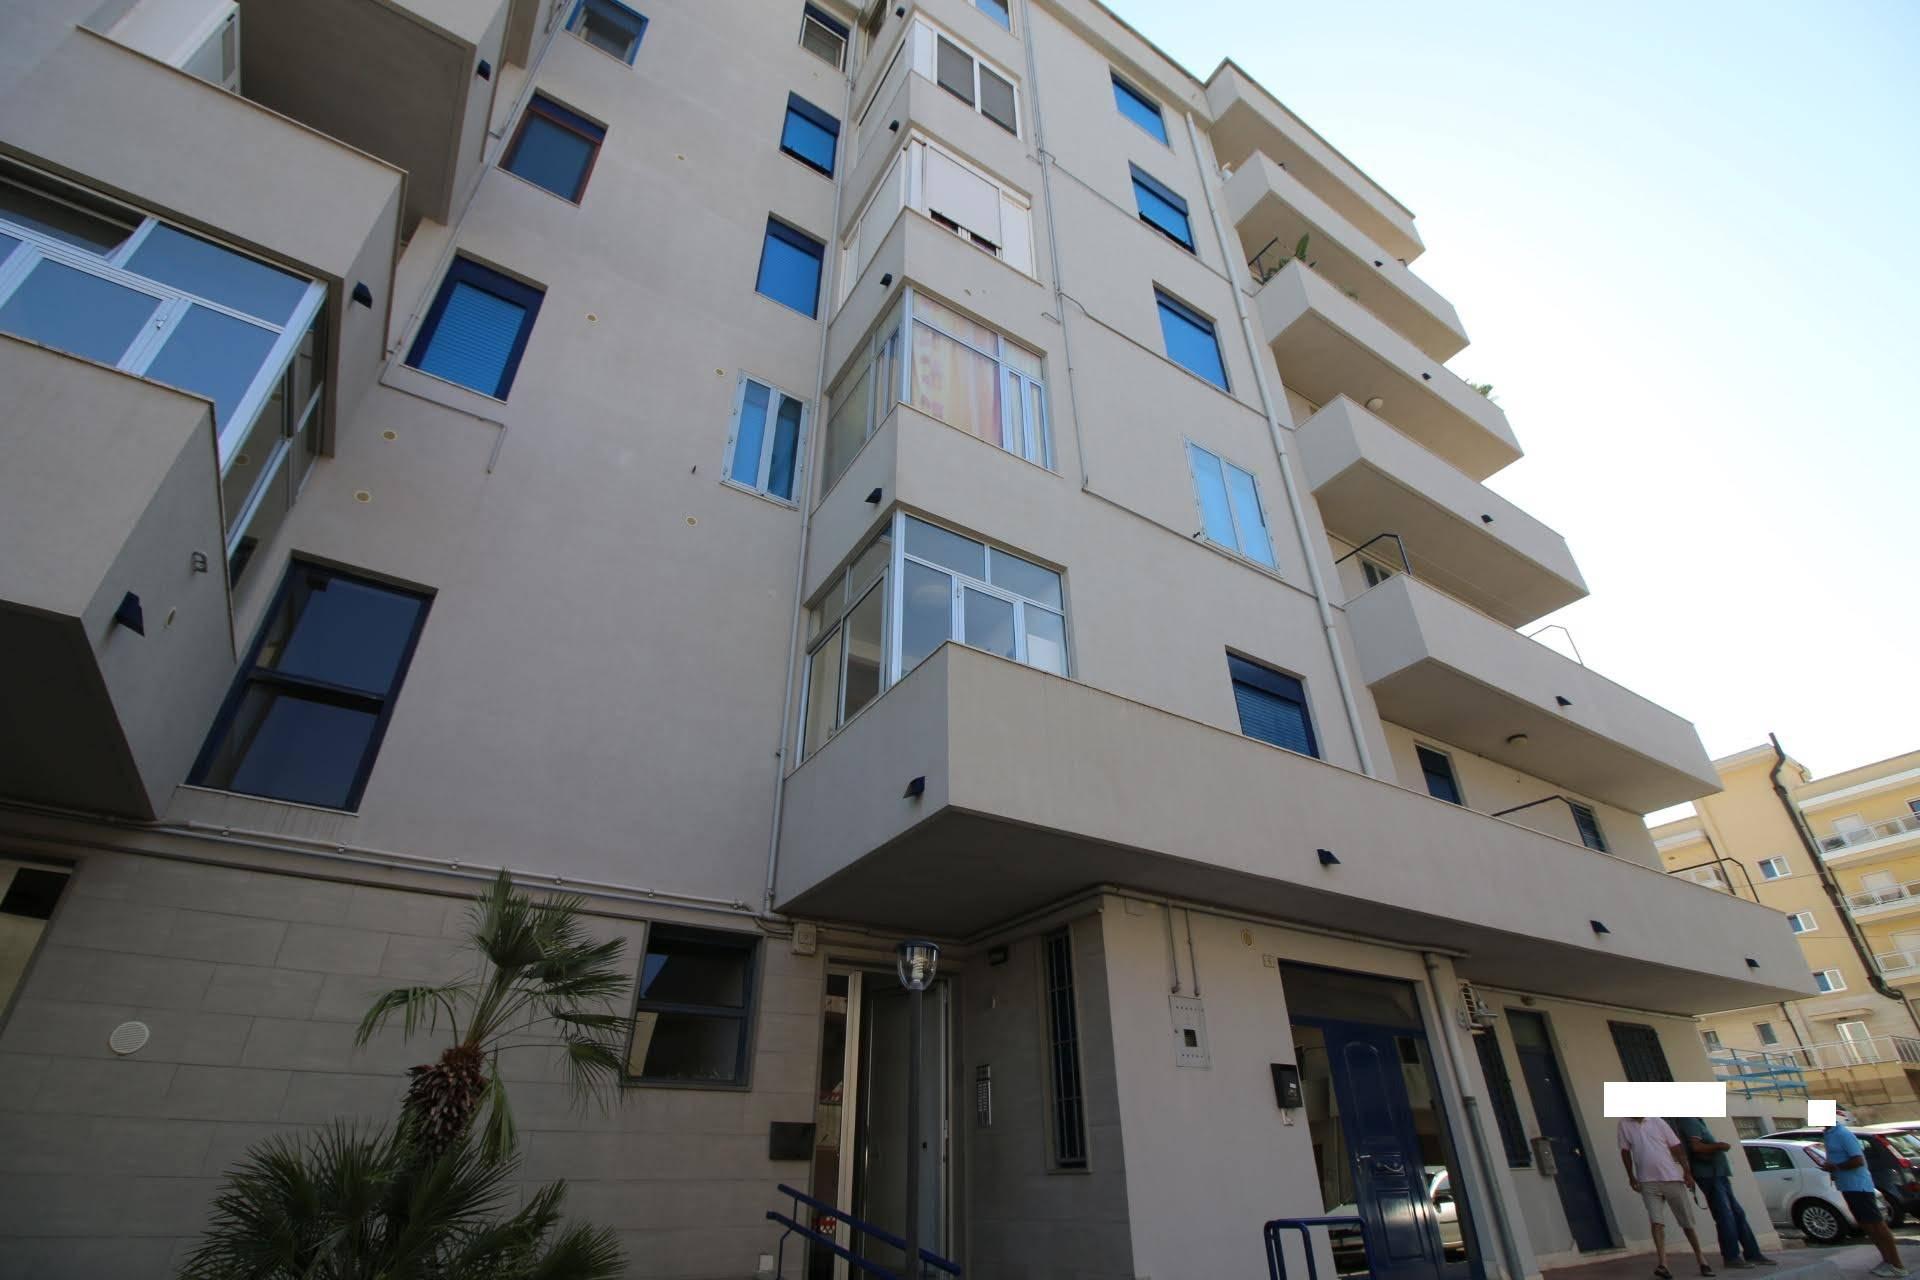 Appartamento in affitto a Martina Franca, 4 locali, zona Località: STADIO, prezzo € 550   CambioCasa.it